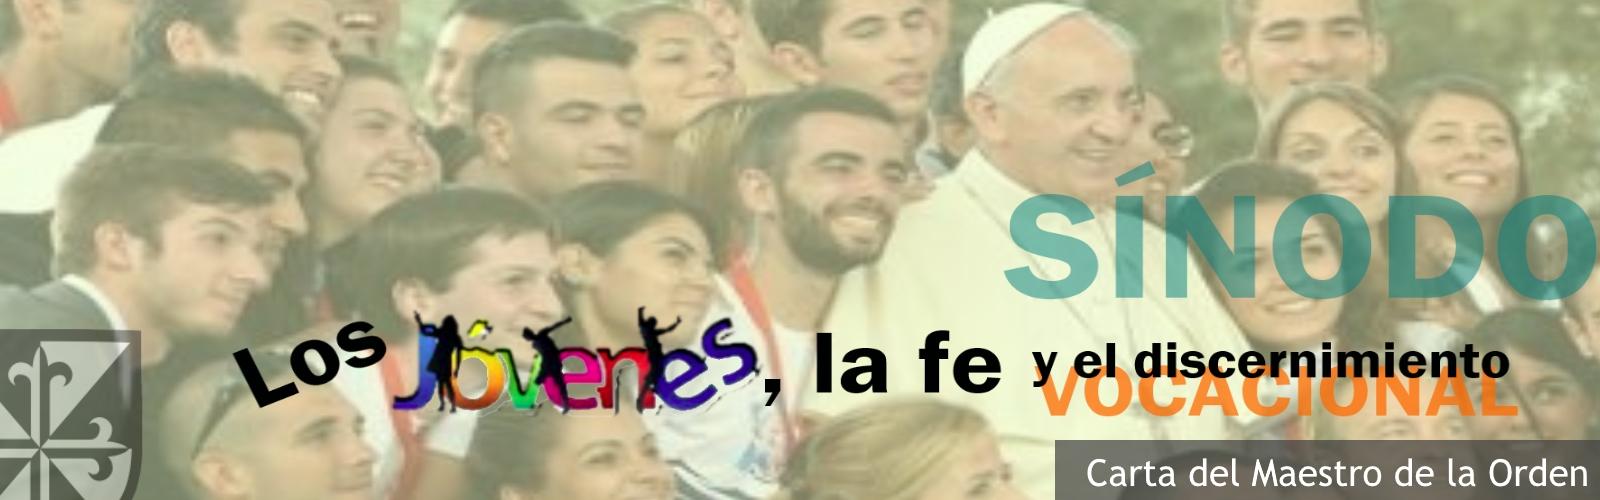 carta_sinodo